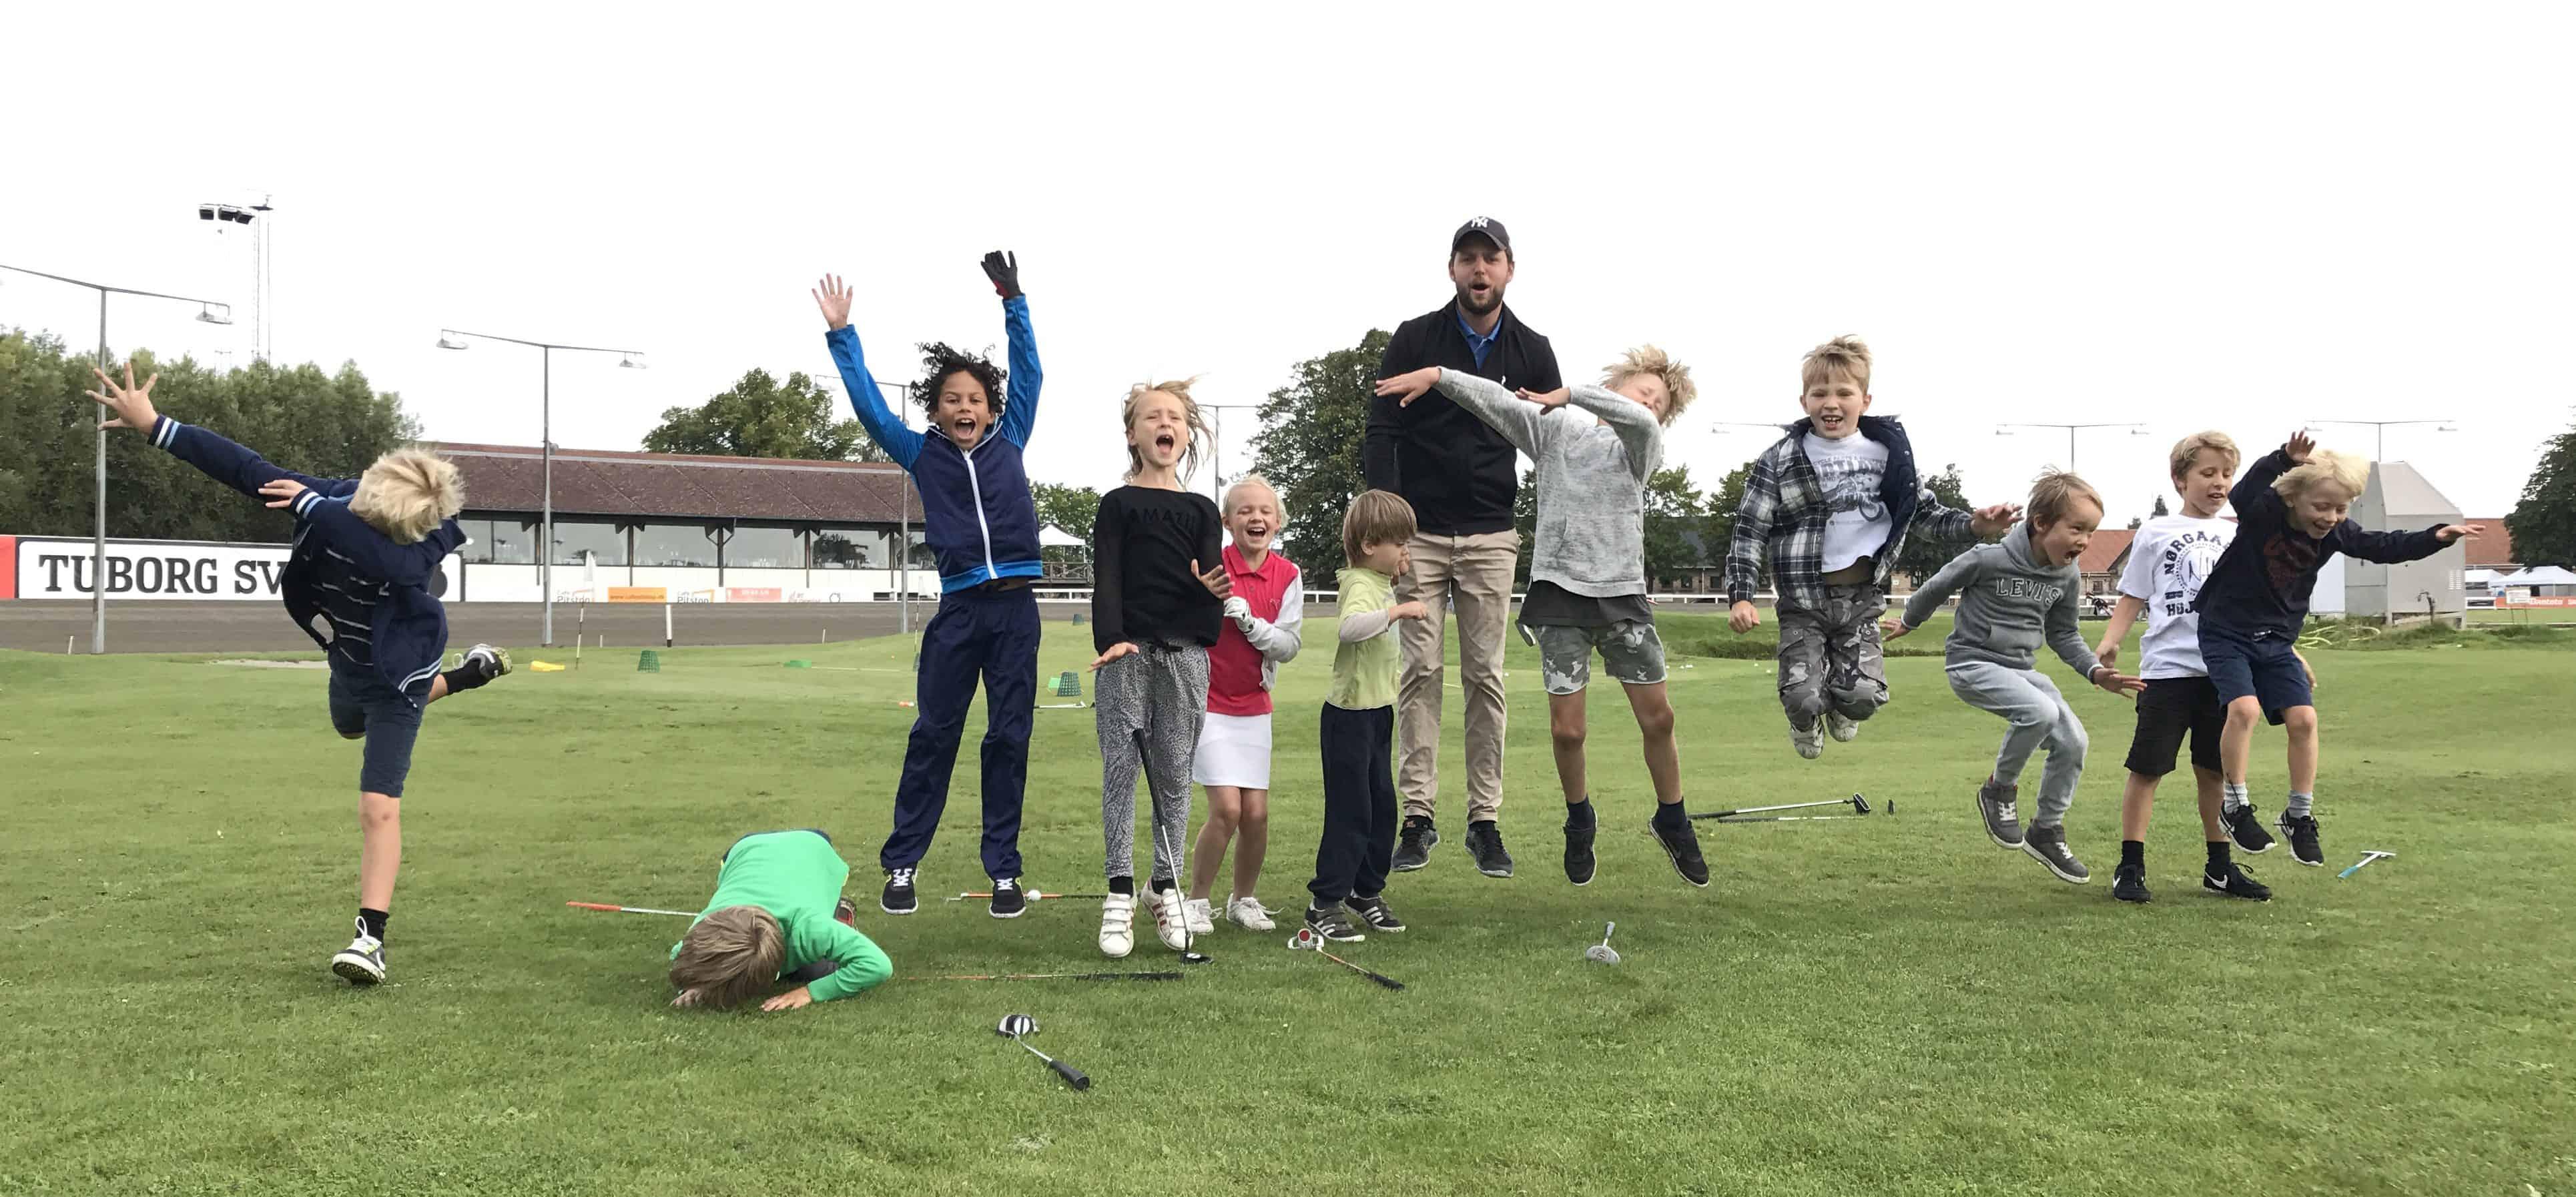 Golf og børn - Børnegolf